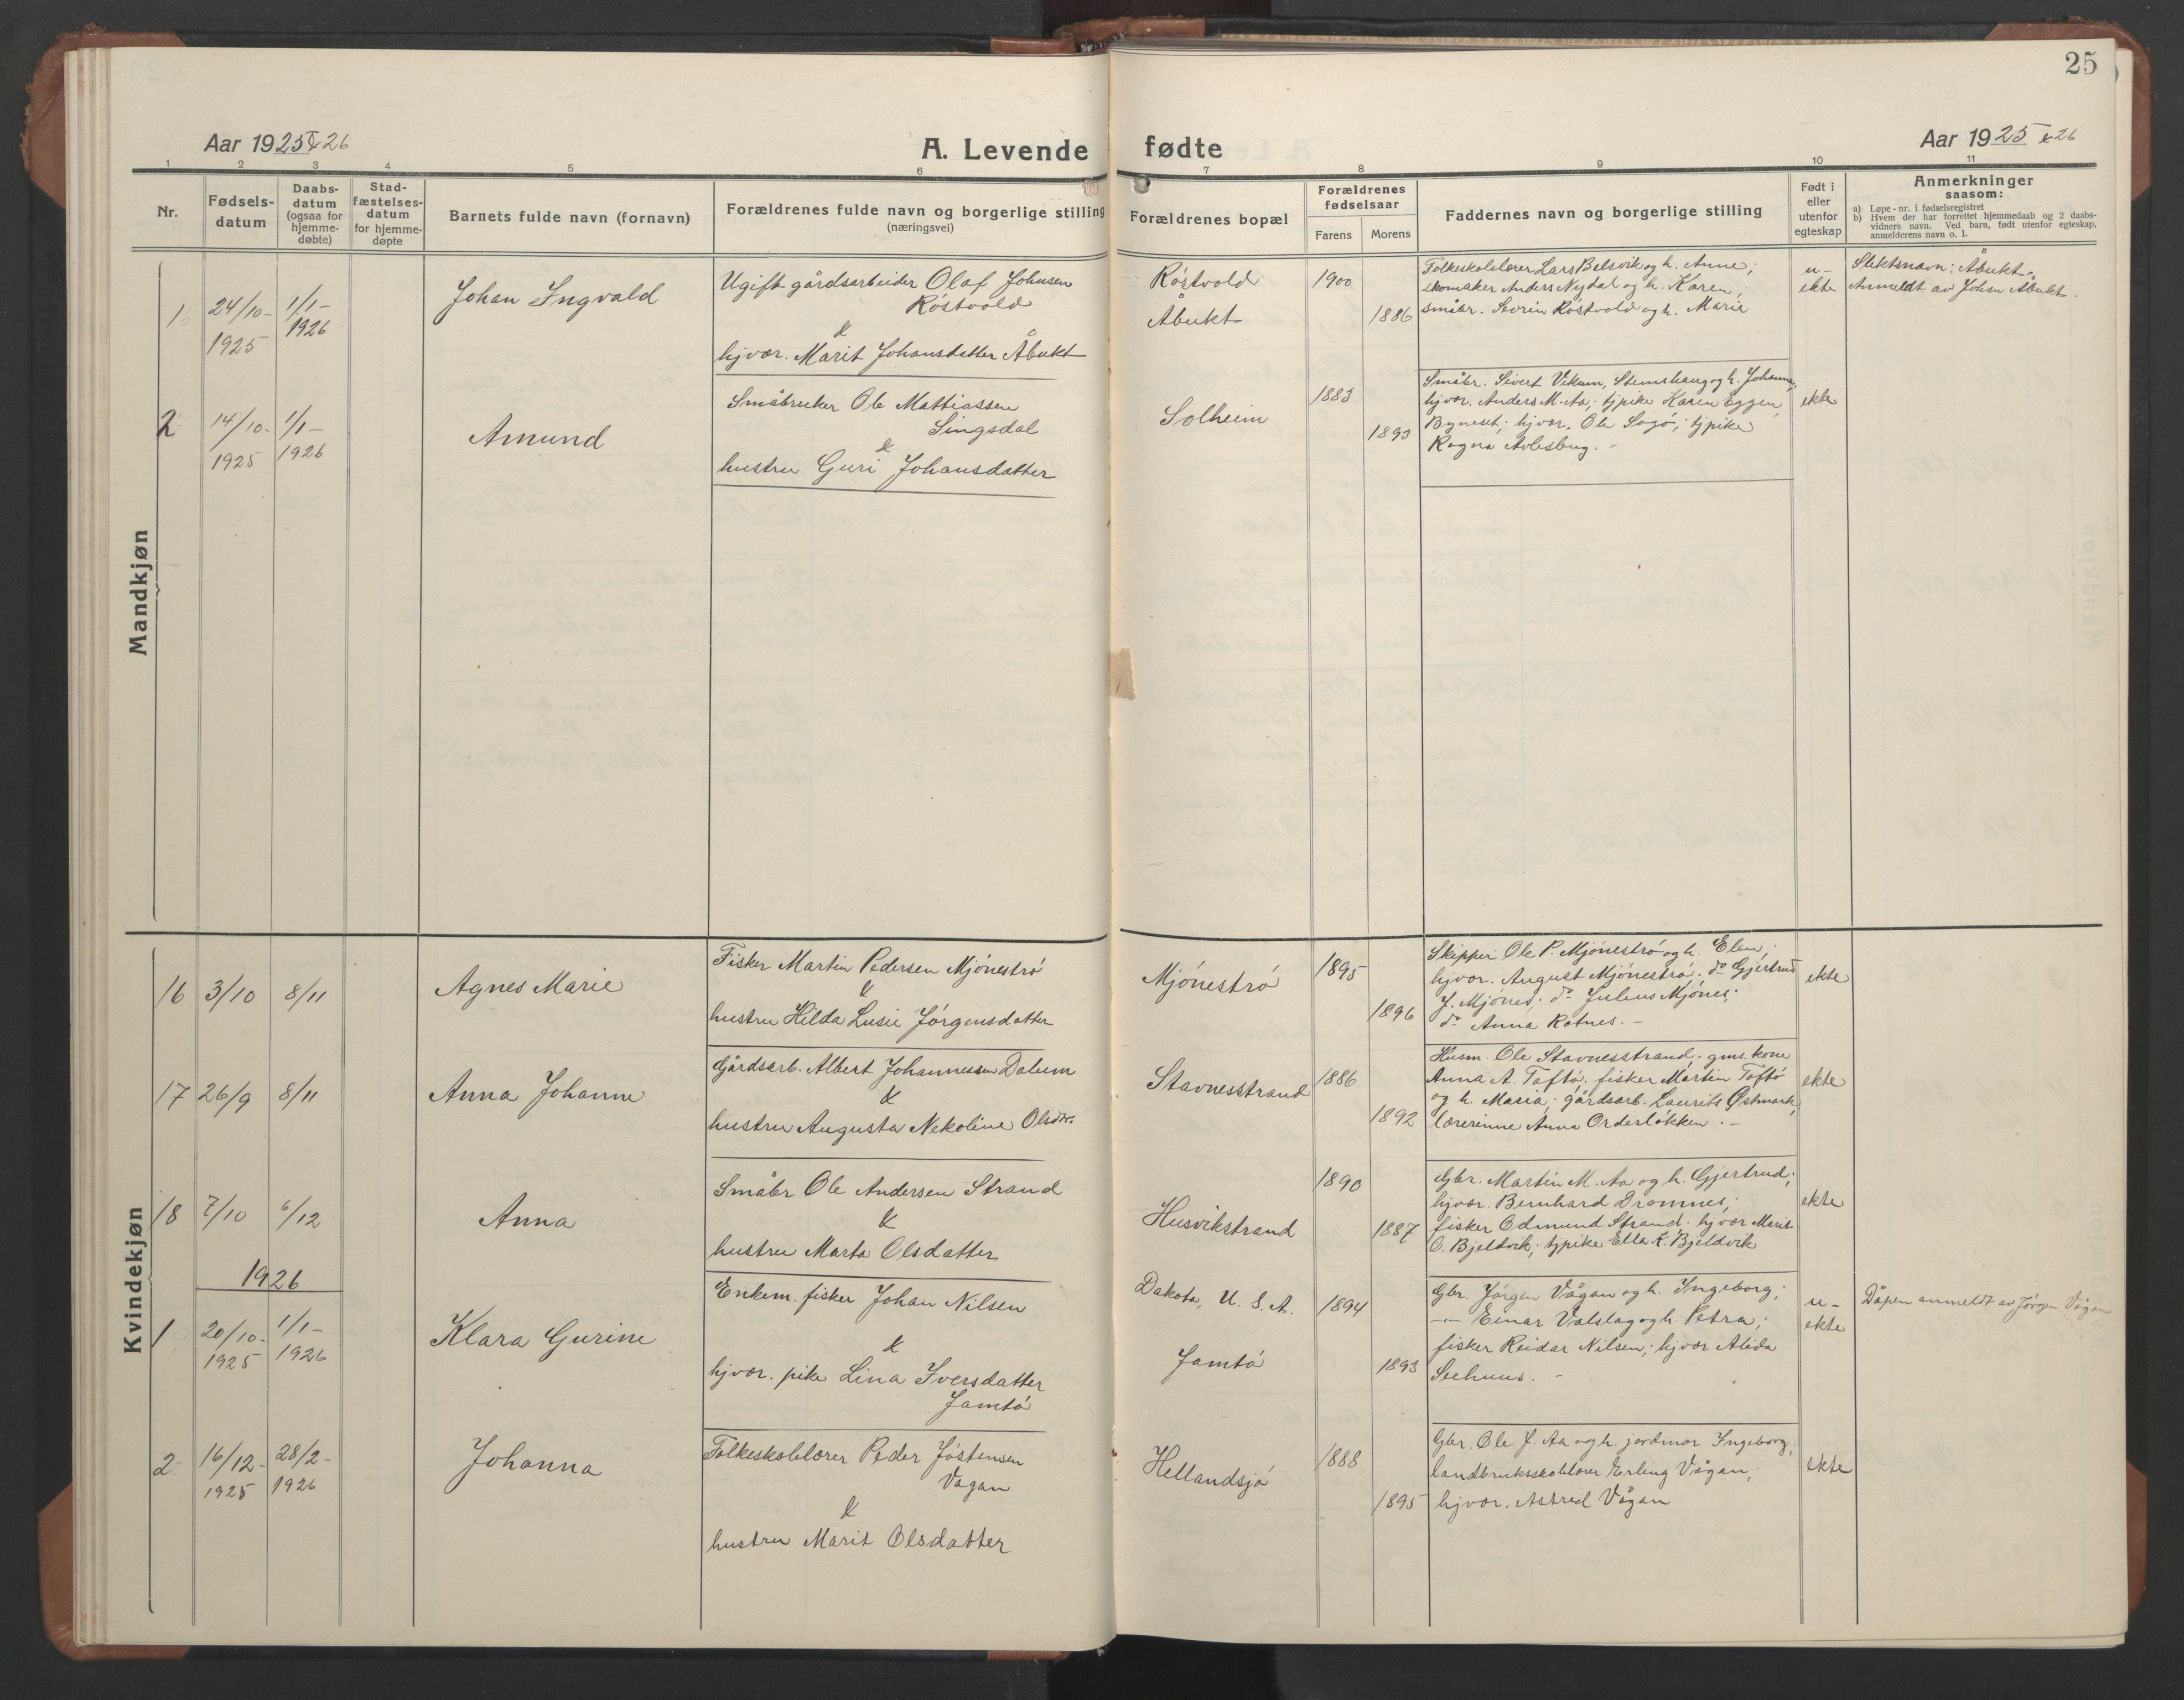 SAT, Ministerialprotokoller, klokkerbøker og fødselsregistre - Sør-Trøndelag, 633/L0521: Klokkerbok nr. 633C03, 1921-1941, s. 25